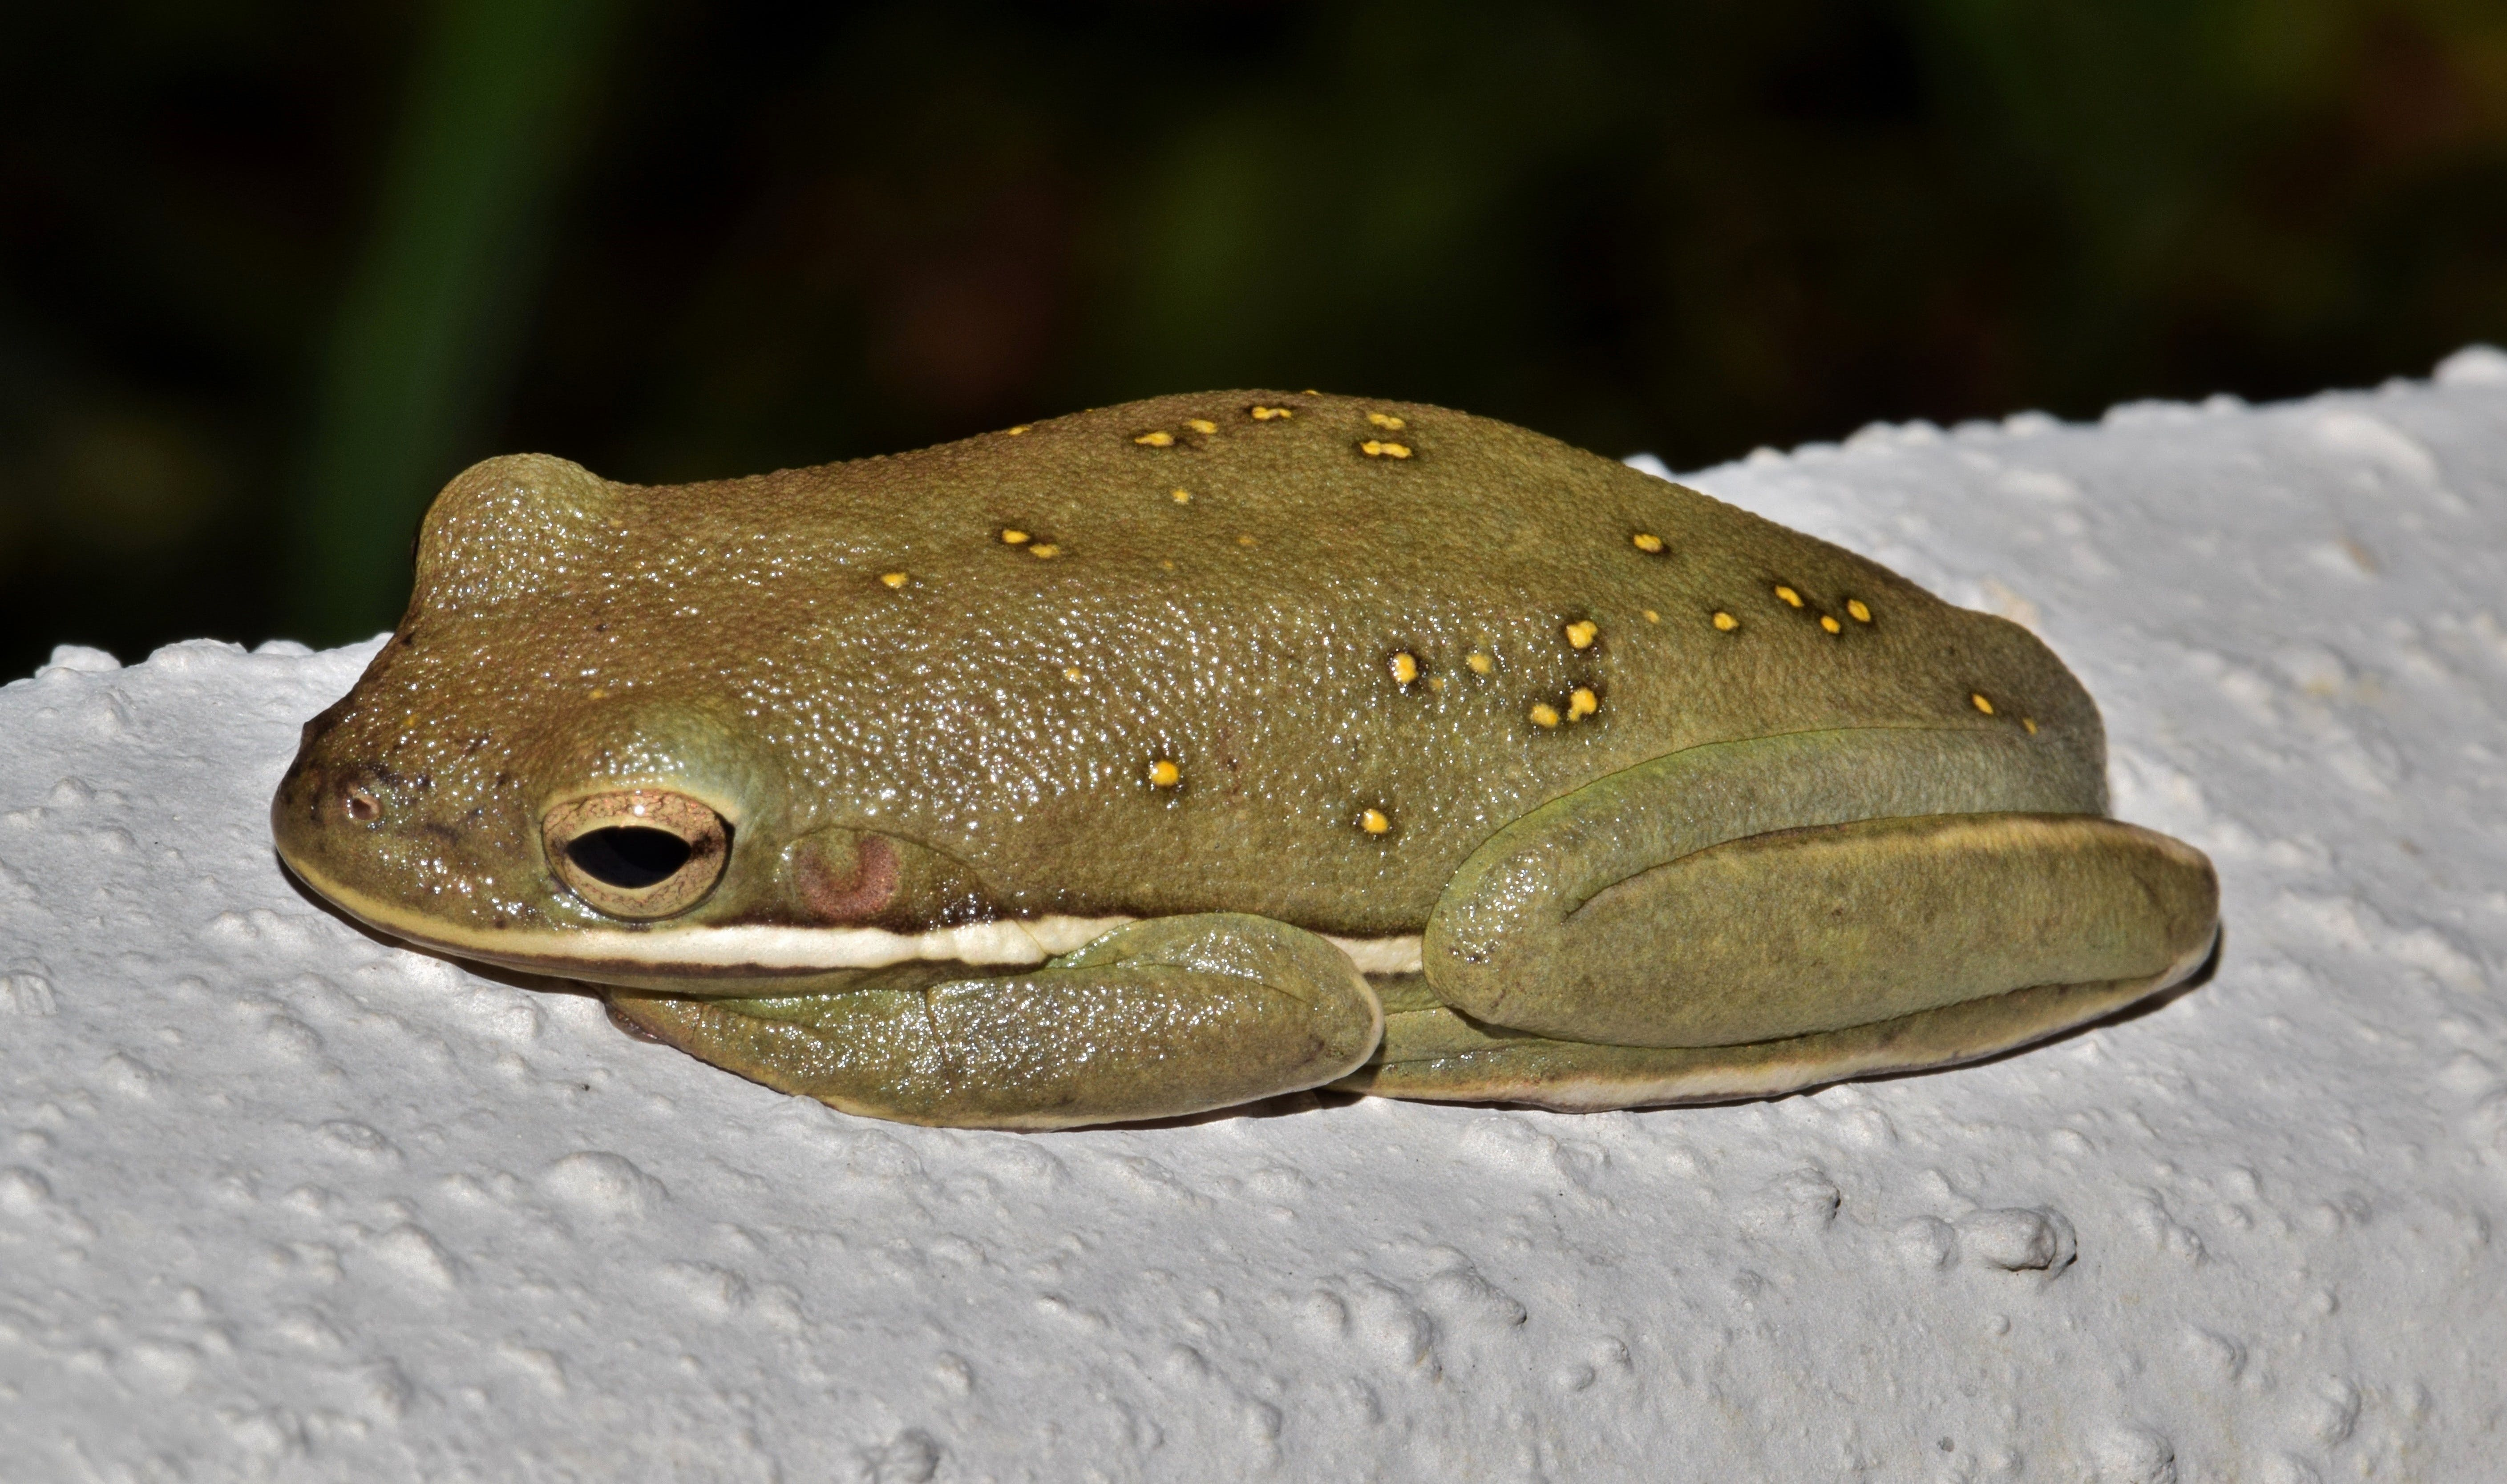 개구리, 끈적끈적한, 동물, 미국의 녹색 나무 개구리의 무료 스톡 사진